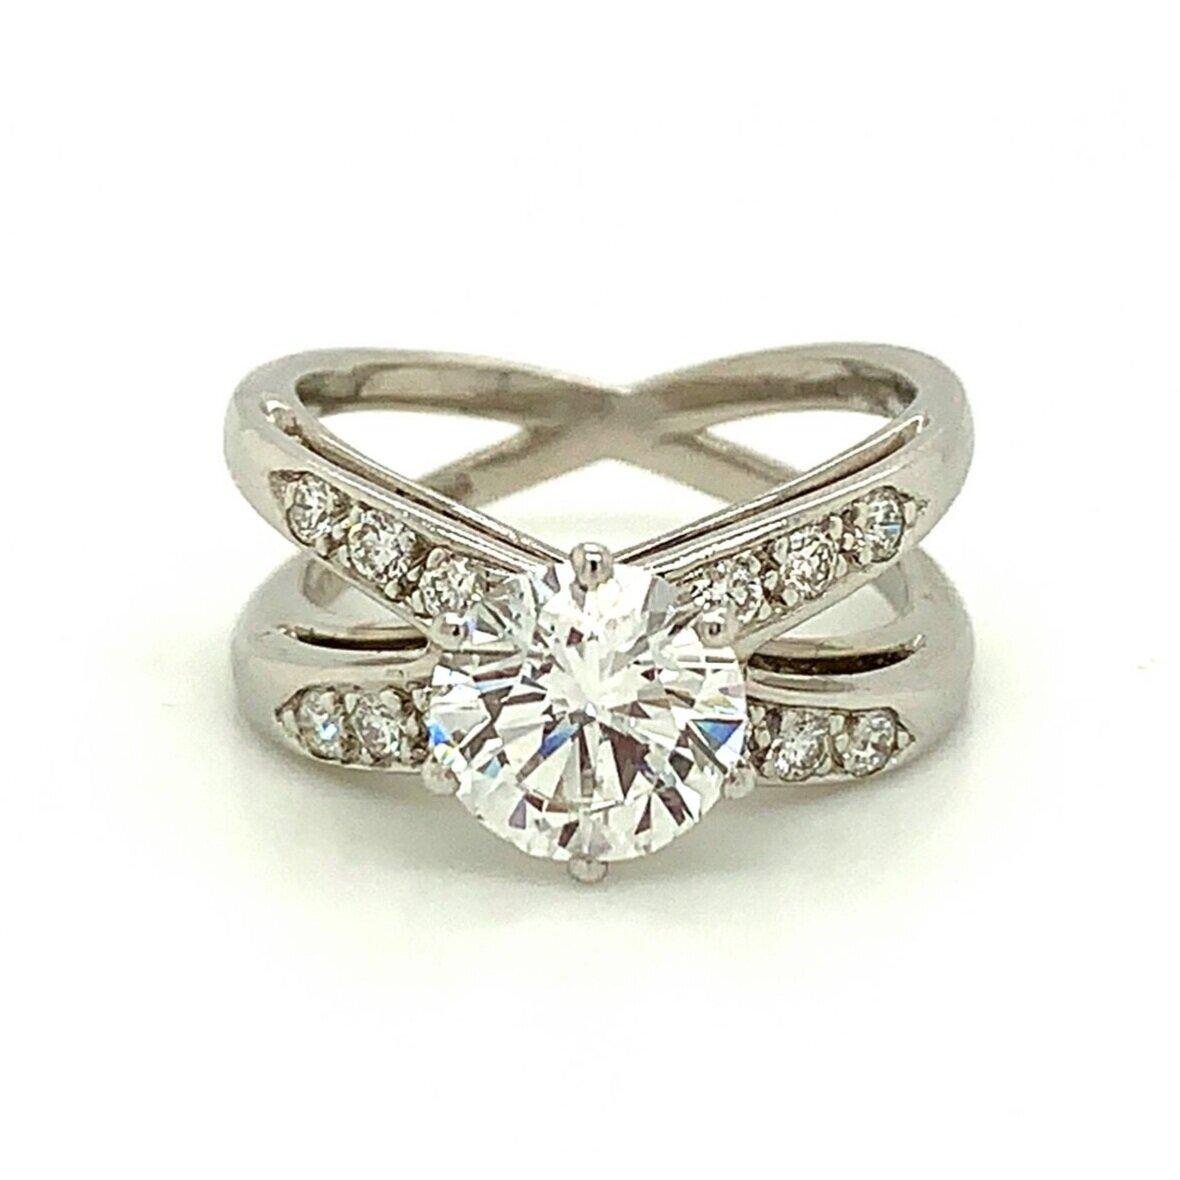 Diamond Solitaire Ring Set in Platinum, Tiffany & Co.   Est. US$ 15,000-16,500